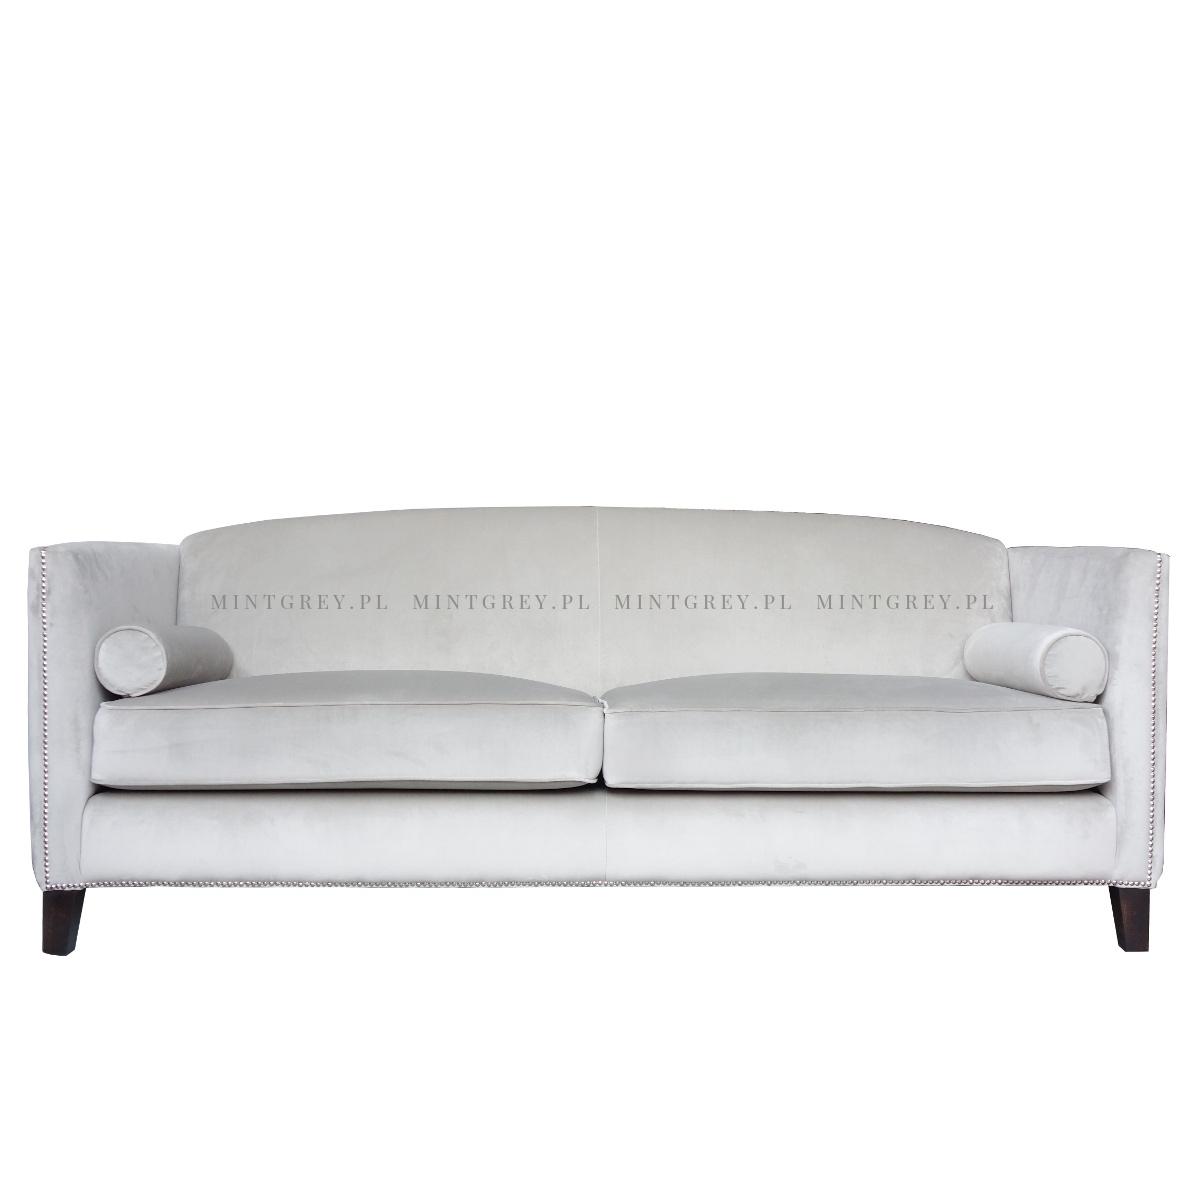 sofa ROMA | od 4250 zł | 16-18 tyg.